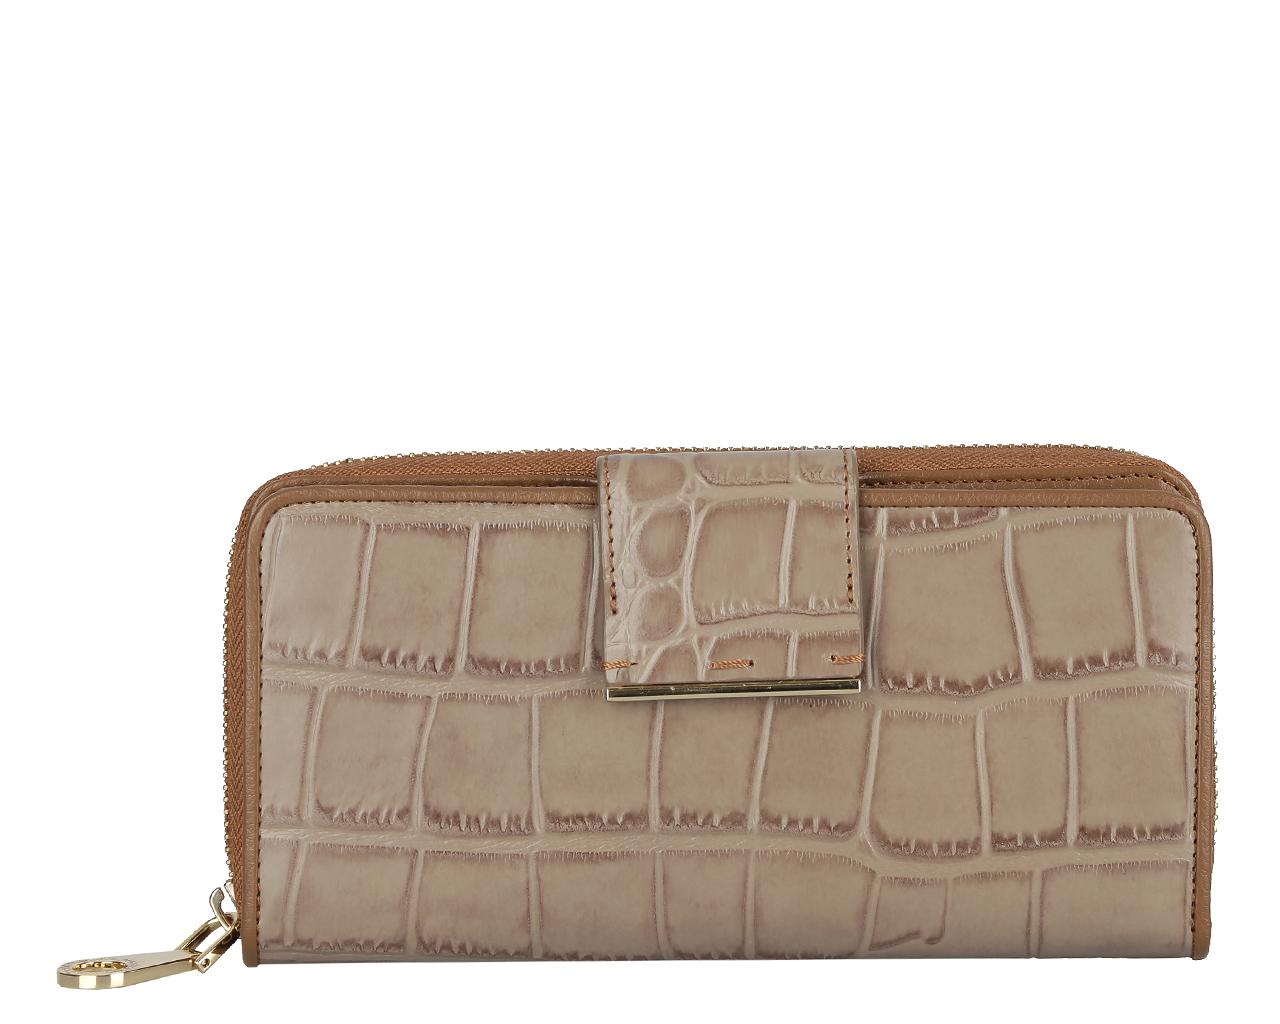 Кошелек женский Leo Ventoni, цвет: бежевый. L330519L330519-tan coccoЭлегантный кошелек Leo Ventoni выполнен из натуральной кожи с тиснением под крокодила и оформлен металлической фурнитурой с символикой бренда. Внутренняя часть изделия выполнена из текстиля и натуральной кожи. Изделие содержит два отделения: отделение для купюр на застежке-молнии и отделение для документов, которое закрывается хлястиком на кнопку. Внутри отделения для купюр предусмотрено две секции. Отделение для документов включает в себя тринадцать карманов для кредитных карт или визиток, один из которых с прозрачным окошком из мягкого пластика, и три бковых кармана для мелких бумаг и чеков. Стильный кошелек Leo Ventoni станет отличным подарком для человека, ценящего качественные и практичные вещи.